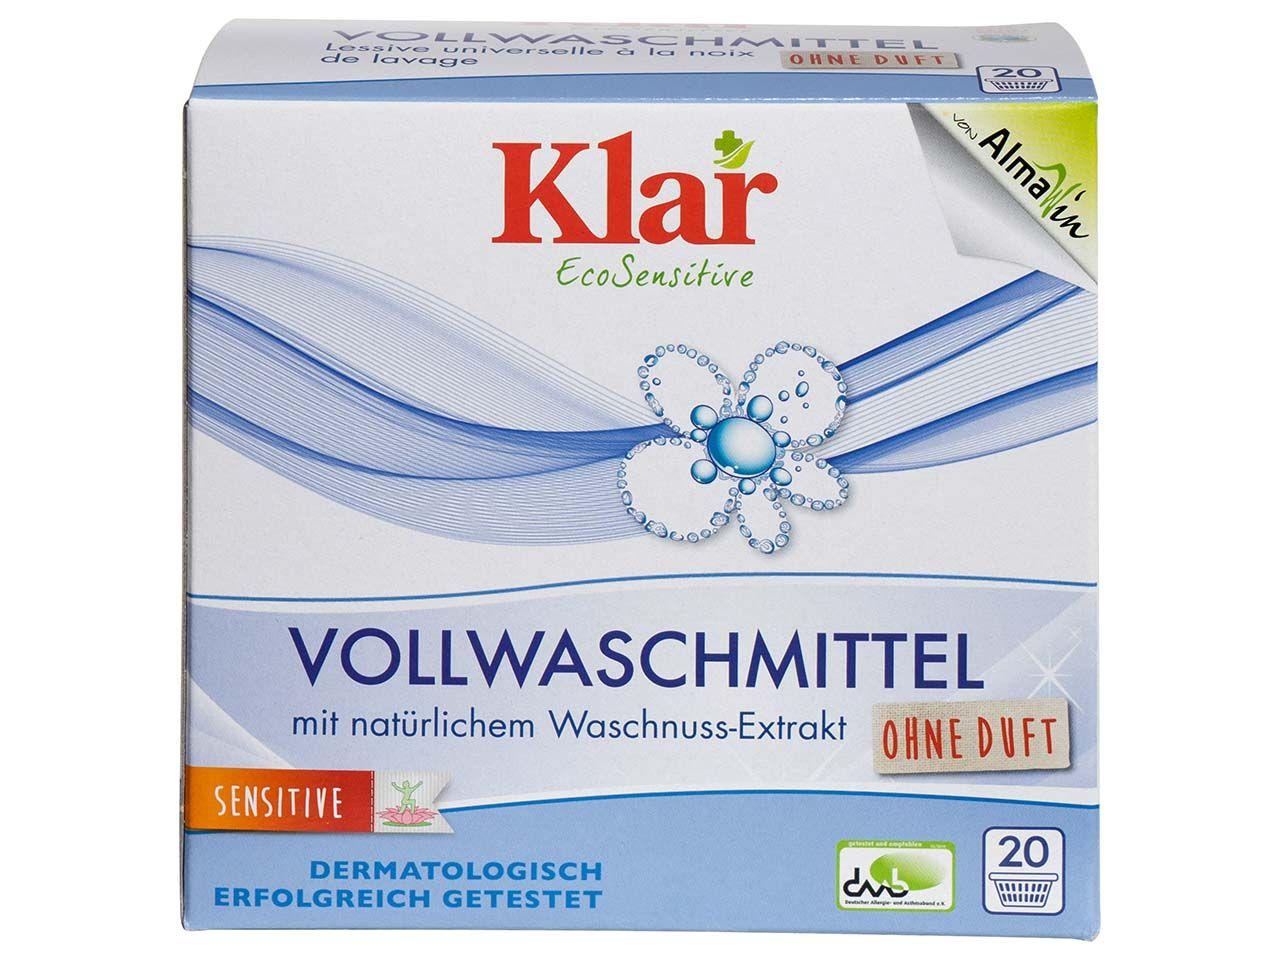 Klar Vollwaschmittel mit Waschnuss-Extrakt